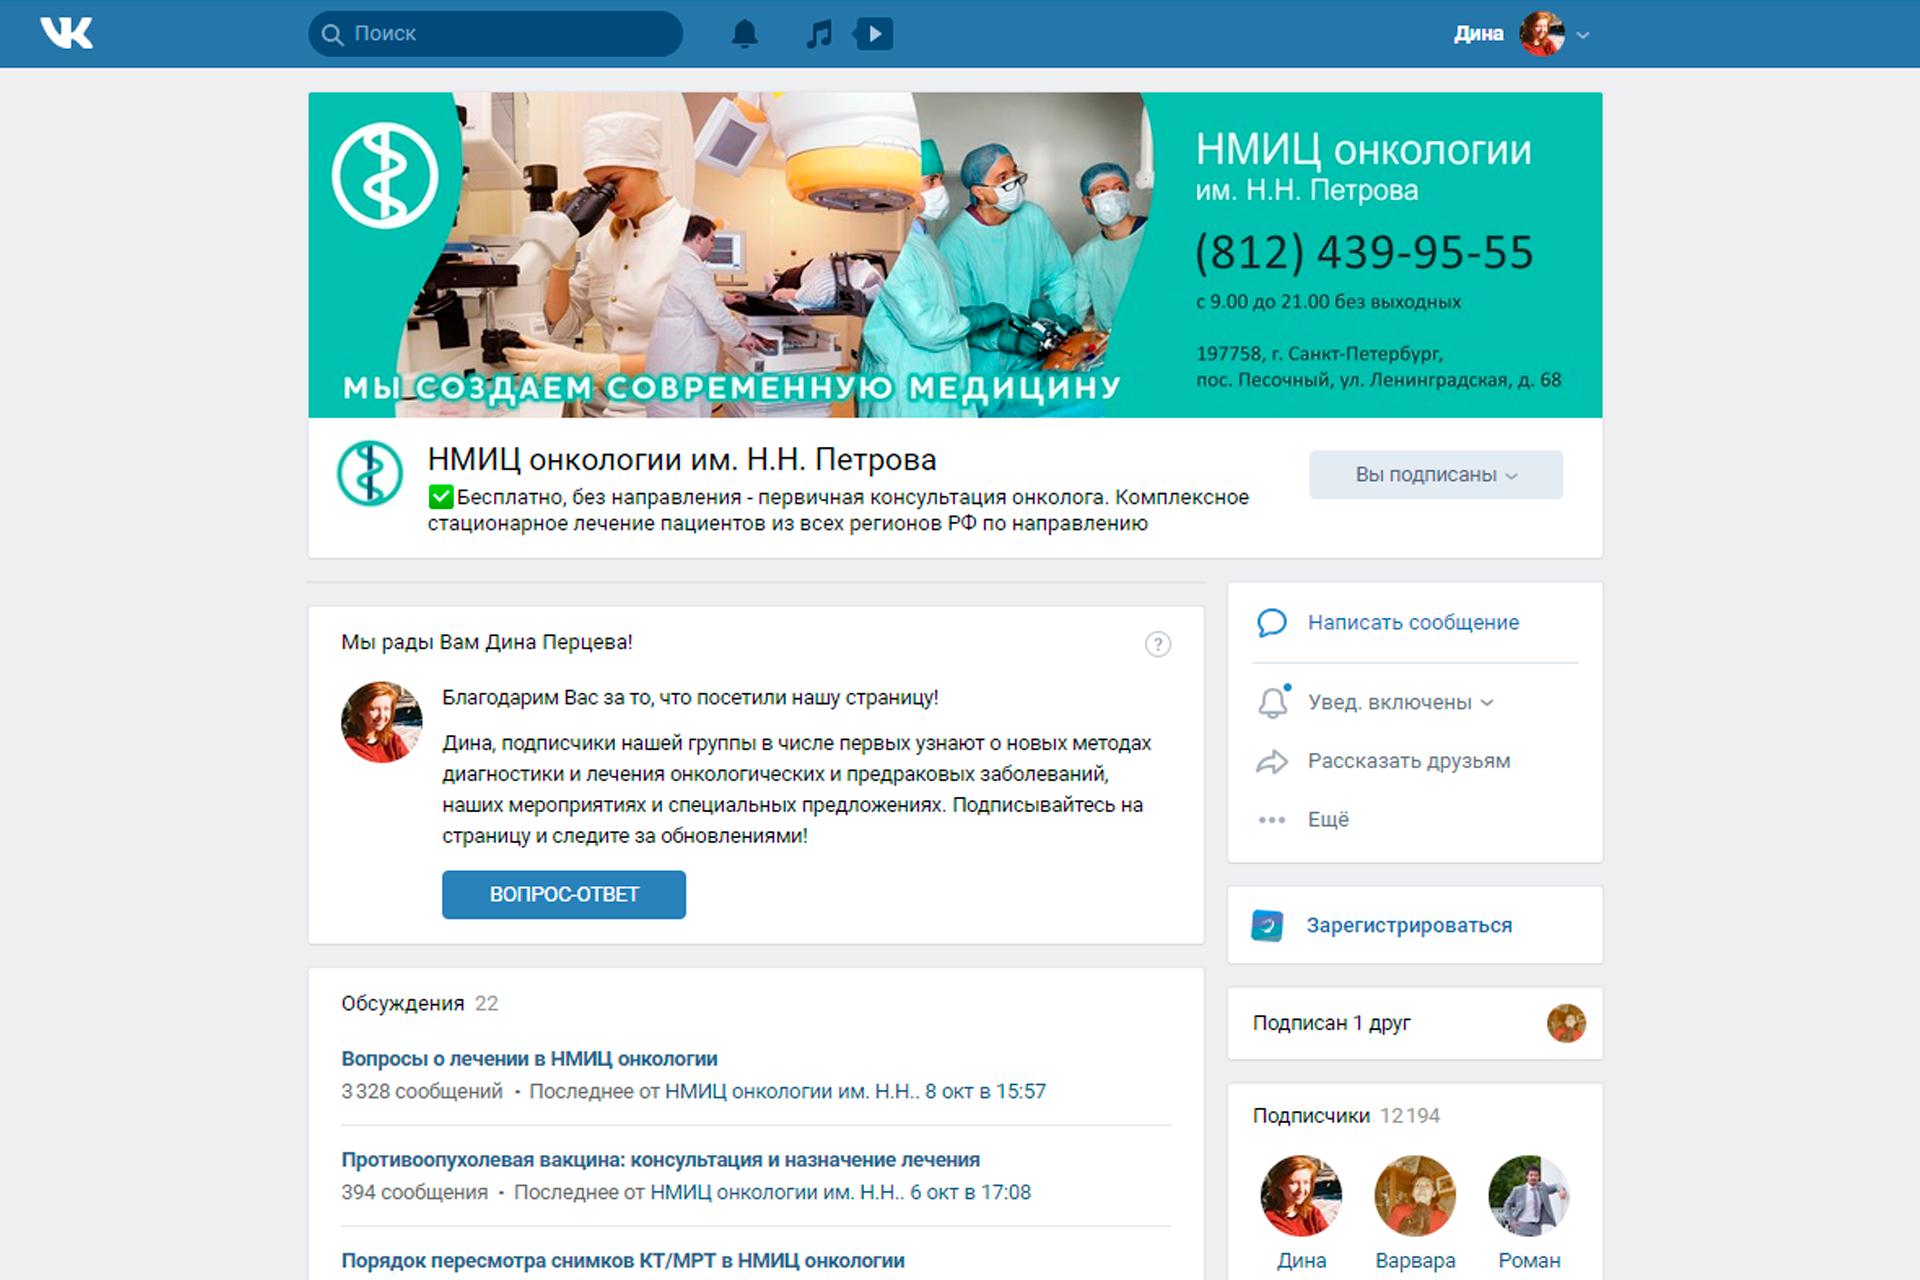 Приложения для клиники во ВКонтакте